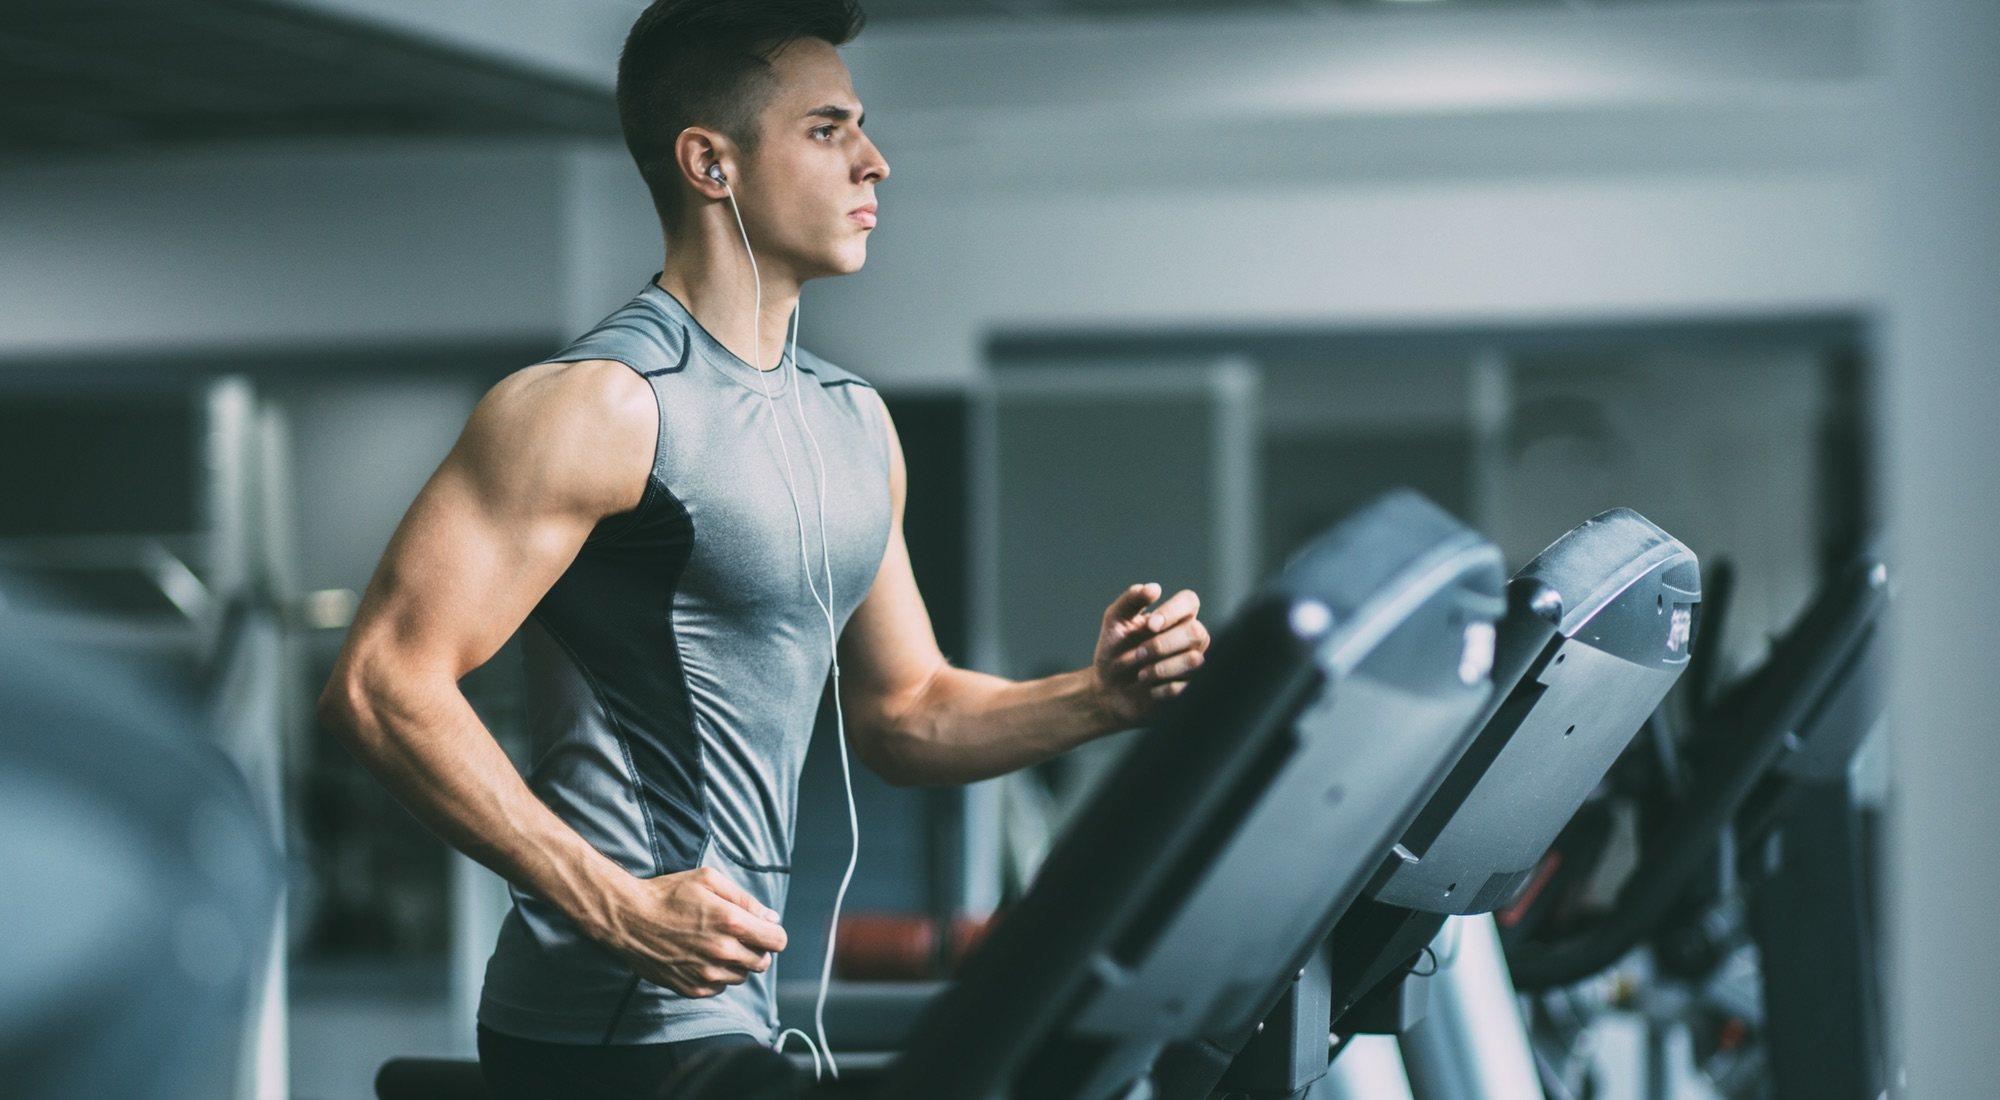 Fitness: qué es, para qué sirve y beneficios